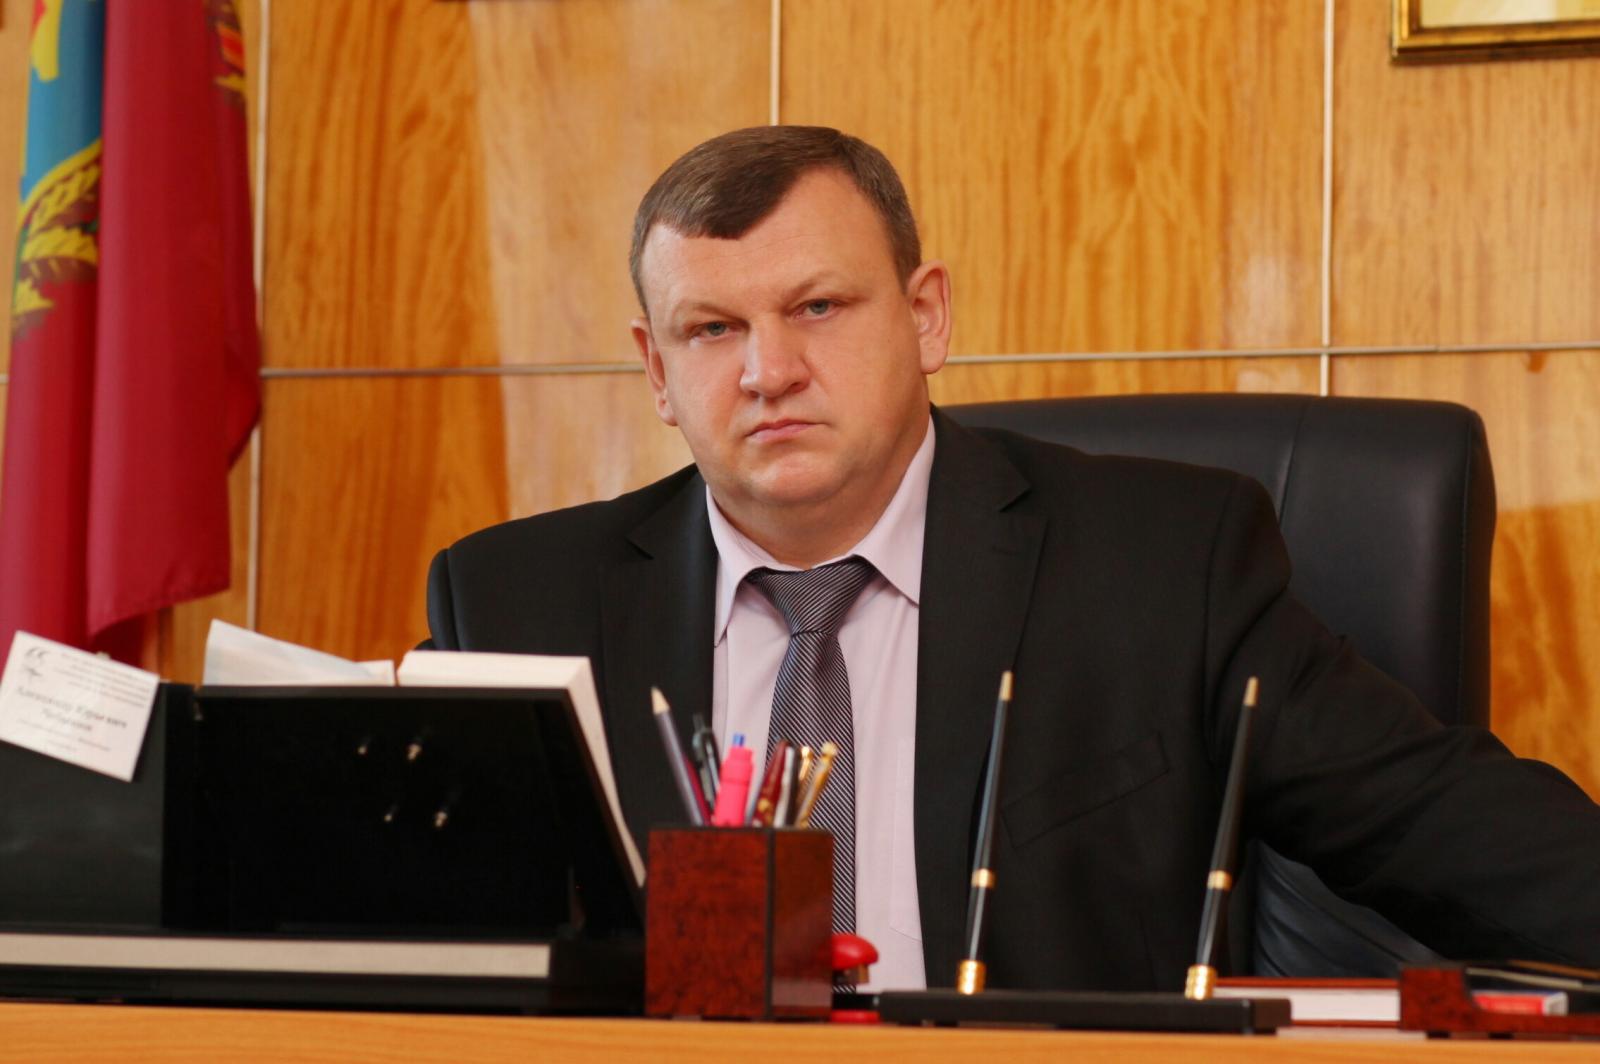 В Новозыбкове бывший мэр Чебыкин отказался от мандата депутата